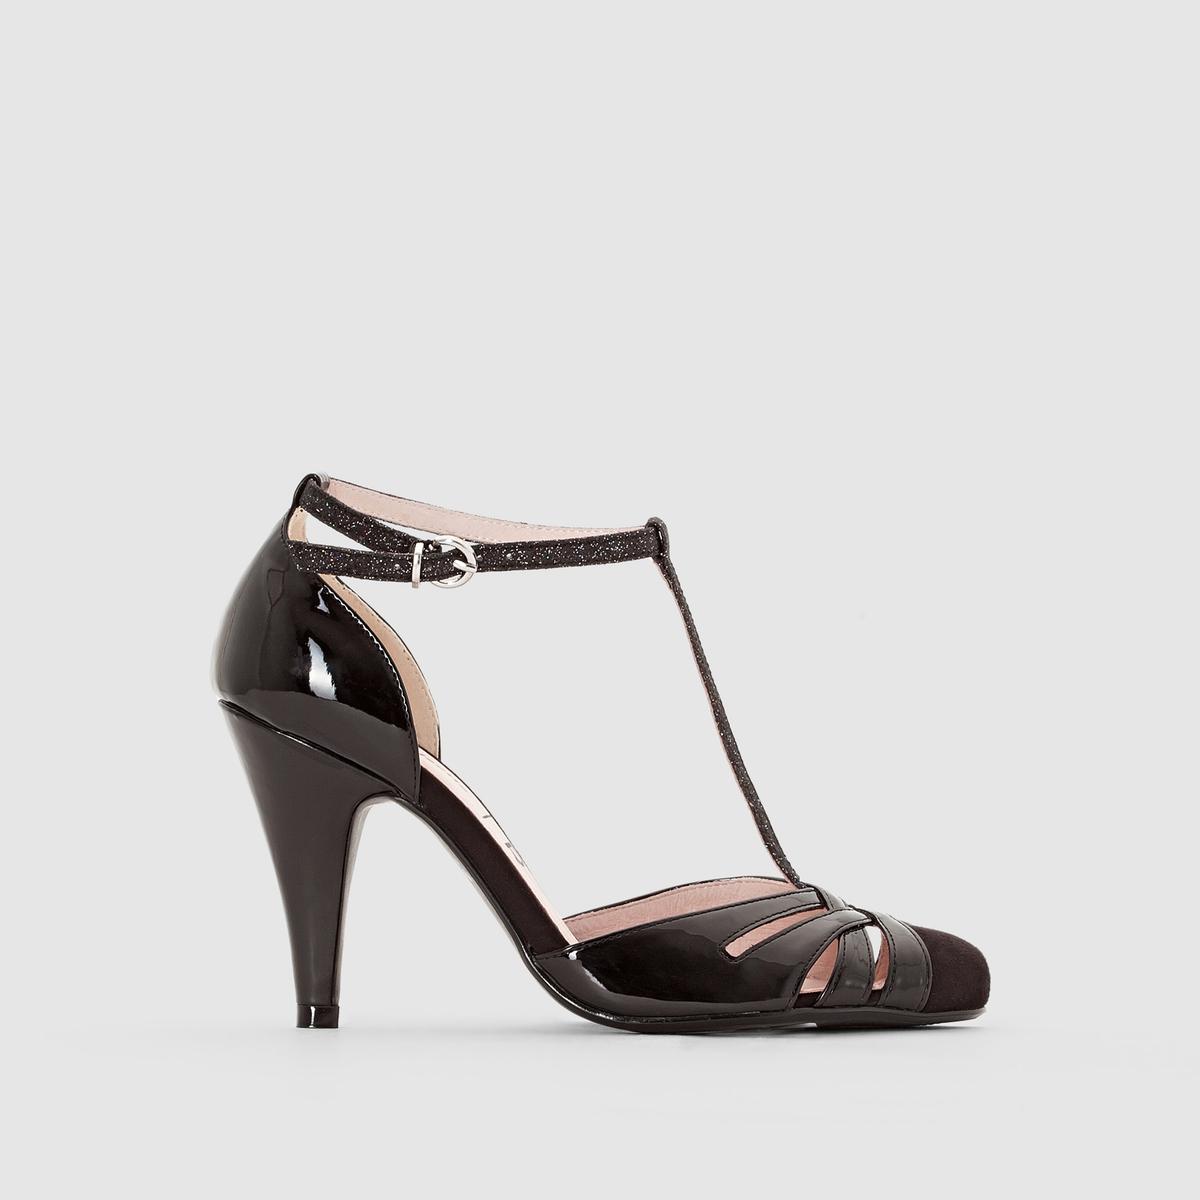 Туфлина каблуке с ремешкомМарка : Mademoiselle R Верх : синтетикаПодкладка : кожаСтелька : кожаПодошва : из эластомера Высота каблука : 9 смЗастежка : ремешок с пряжкойПреимущества : открытый носок, высокий и тонкий каблук.<br><br>Цвет: черный